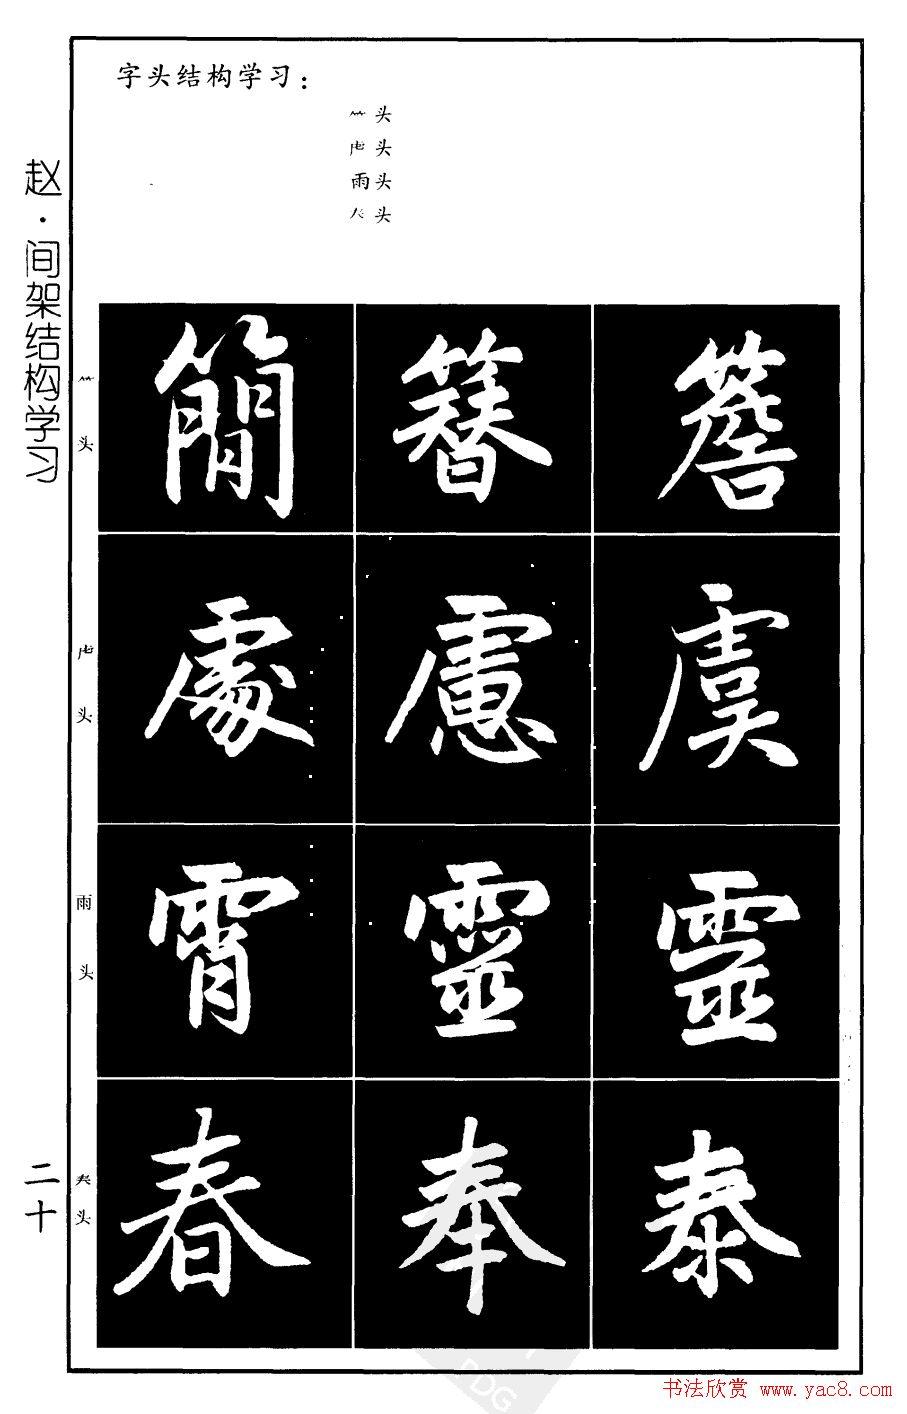 赵孟頫楷书习字帖放大图片44P 第10页 楷书字帖 书法欣赏